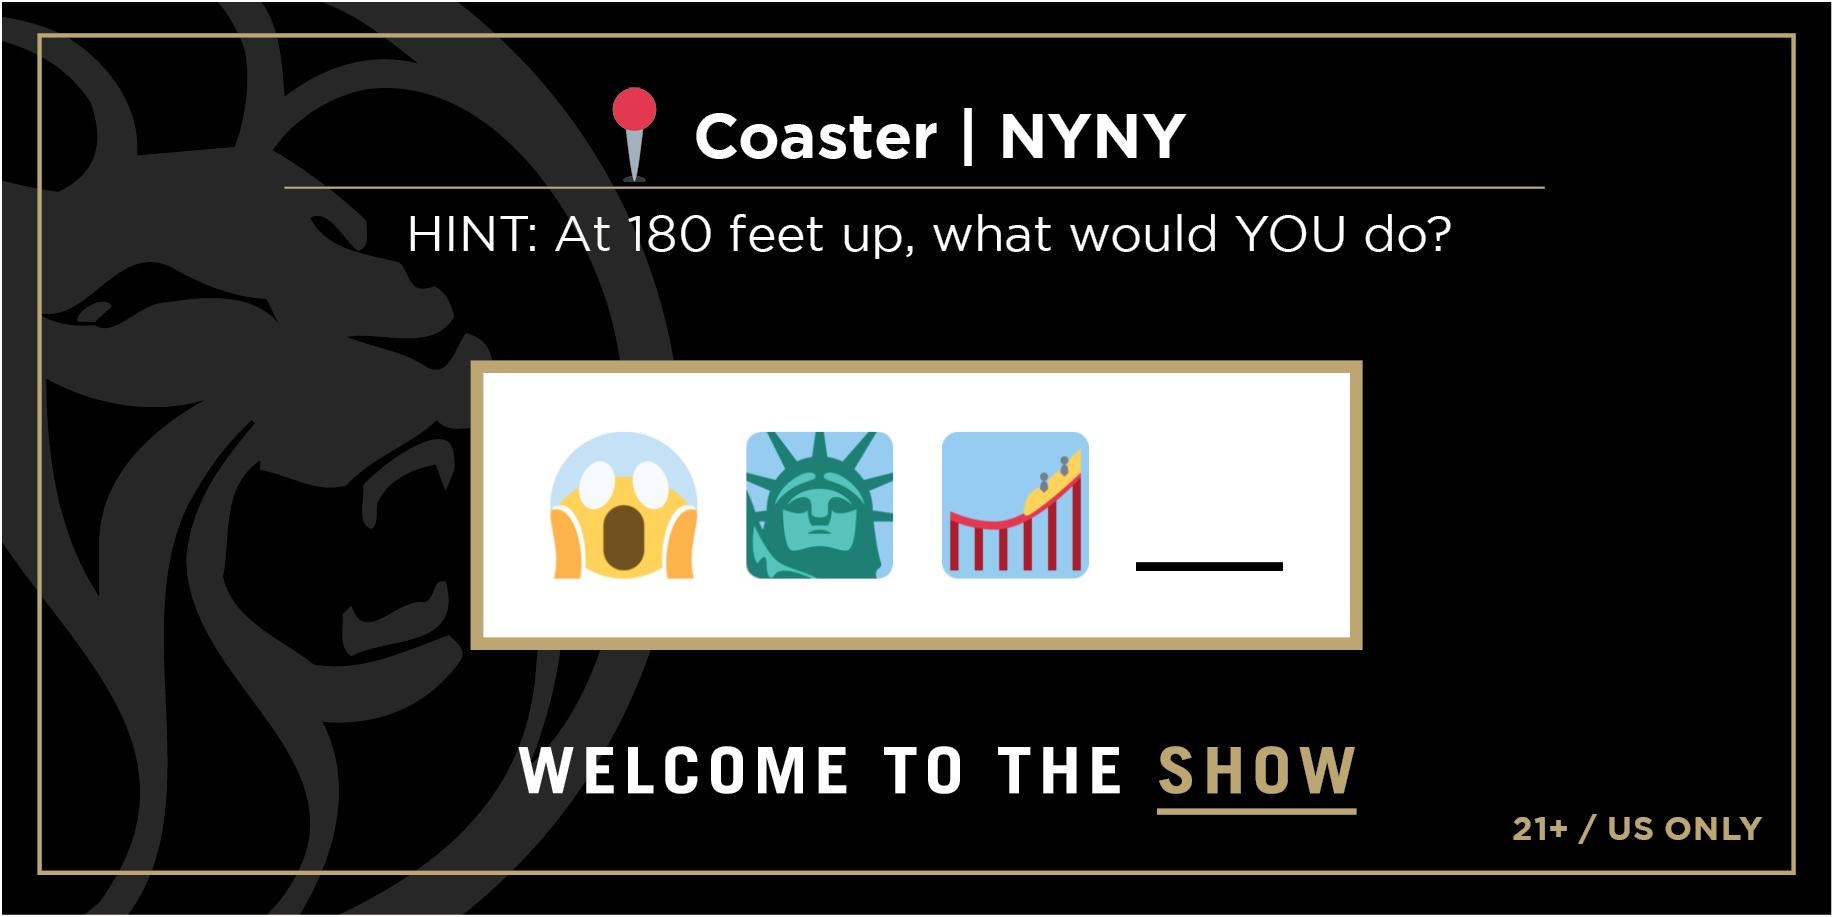 MGM_WTTS_NYNY_2.jpg